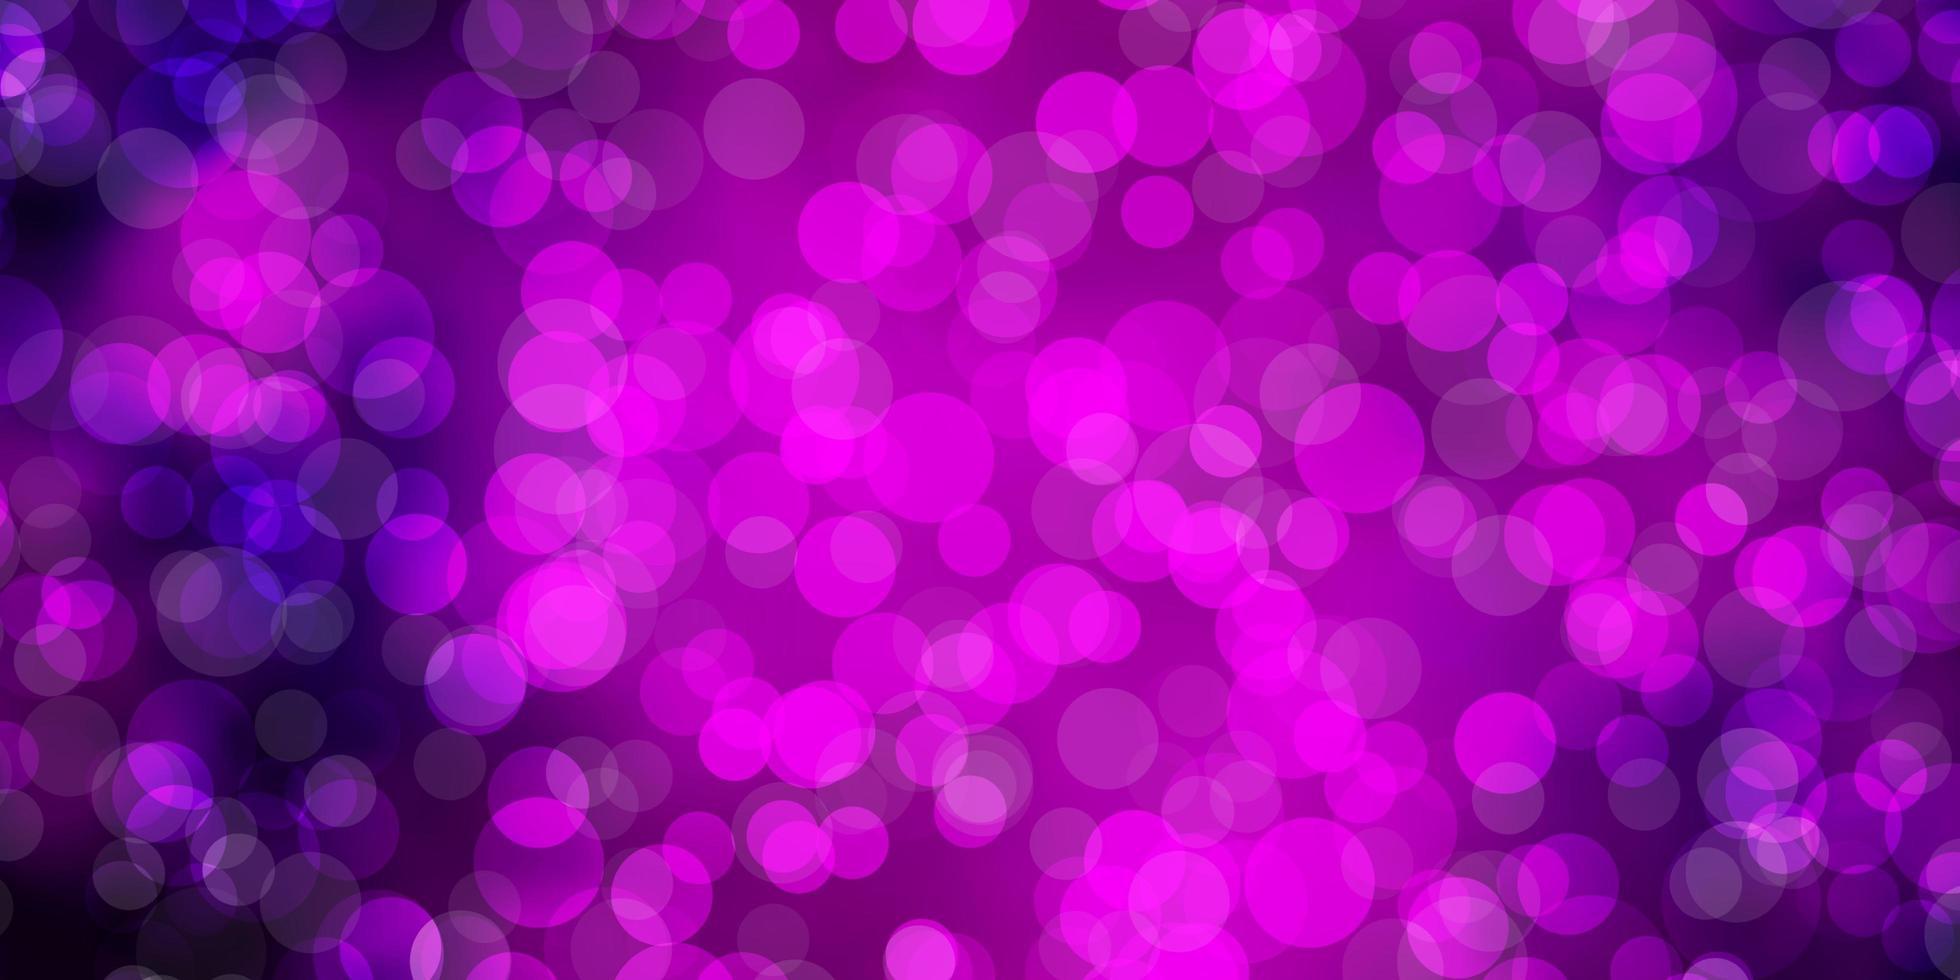 mörk lila vektor bakgrund med fläckar.